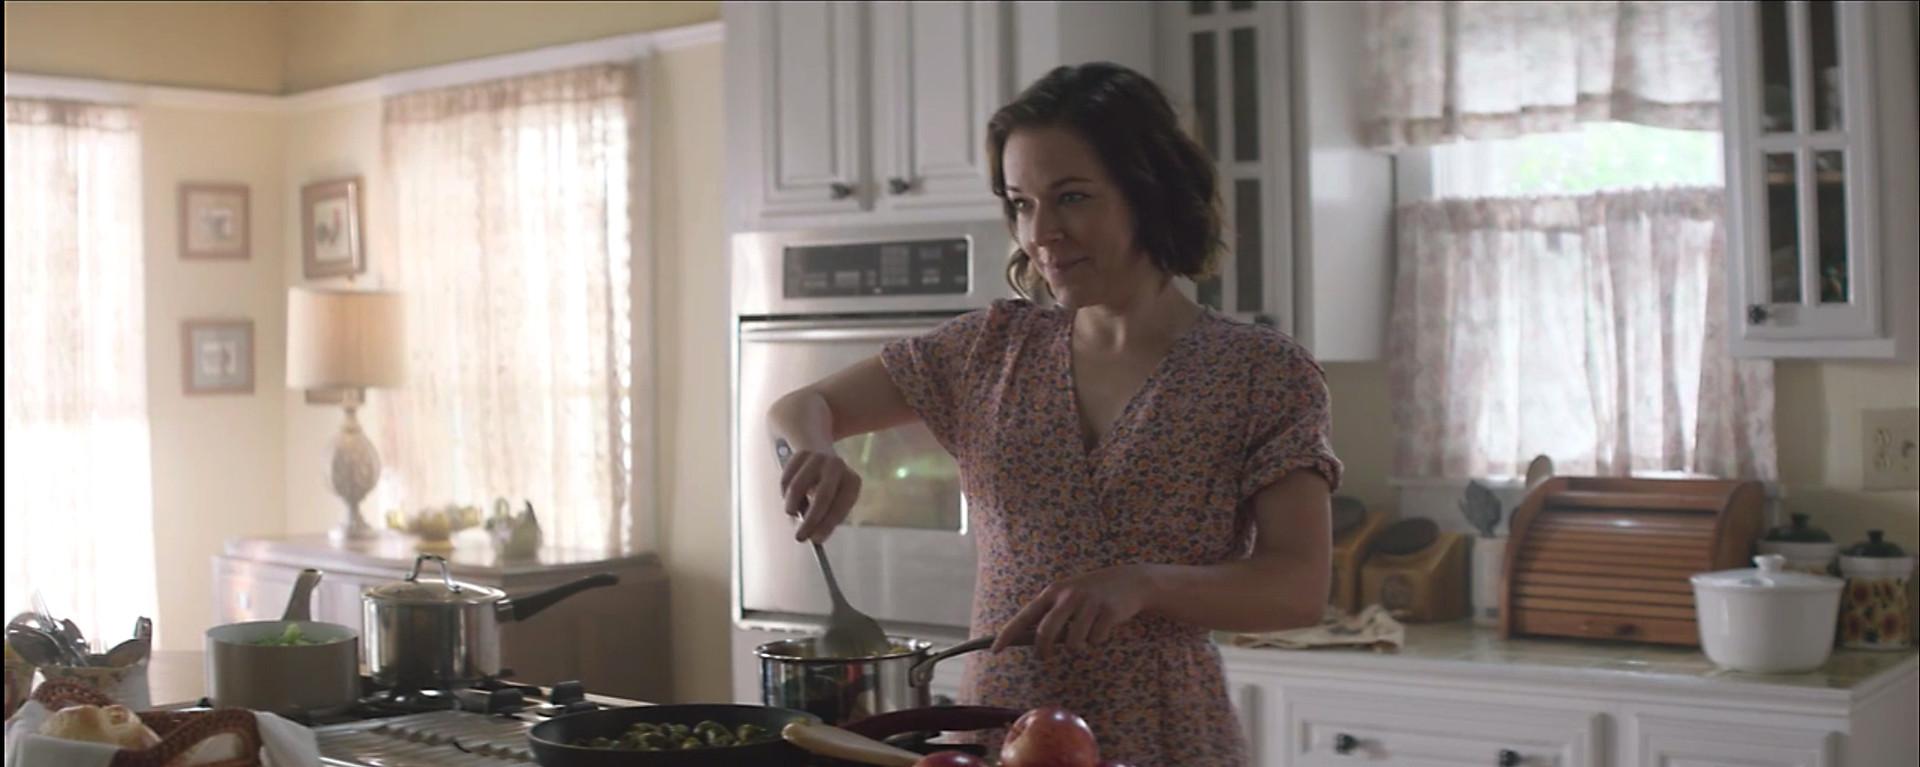 Jenny in kitchen.jpg